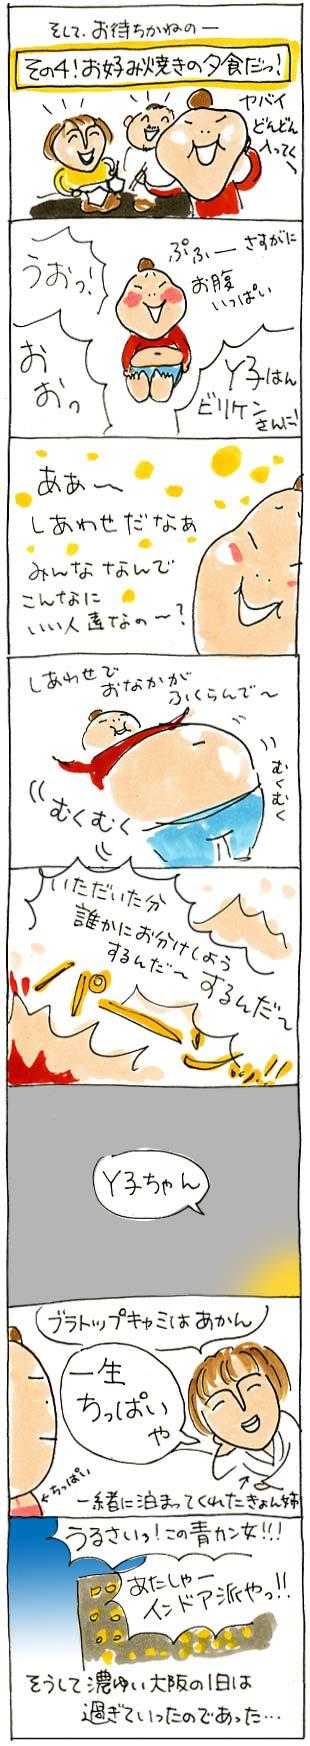 大阪コテコテツアー05